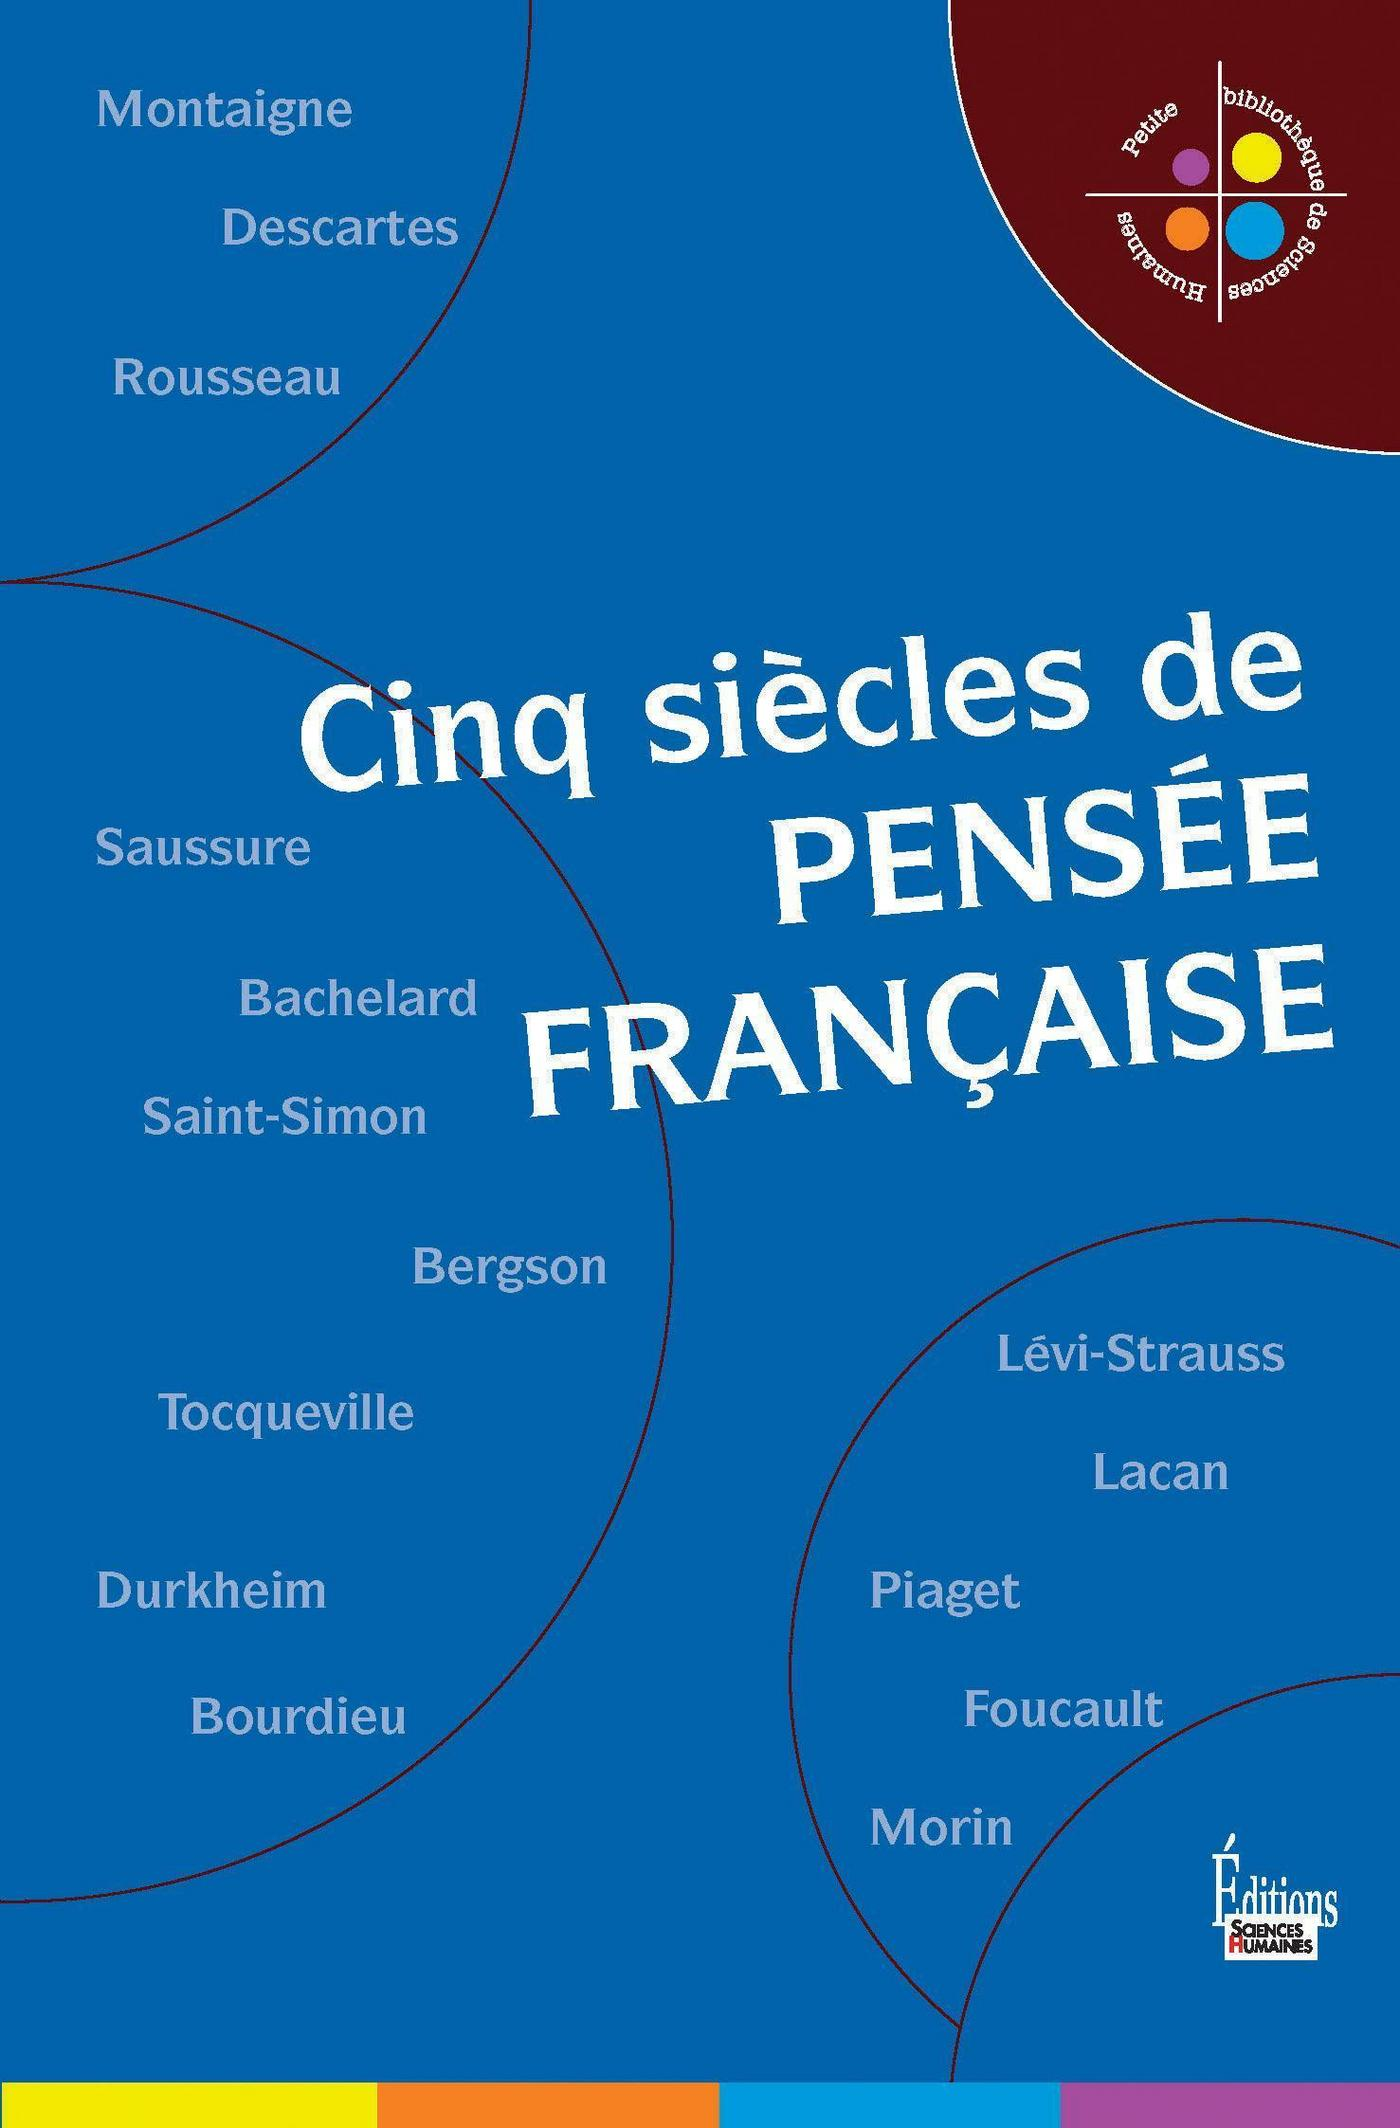 Cinq siècle de la pensée française